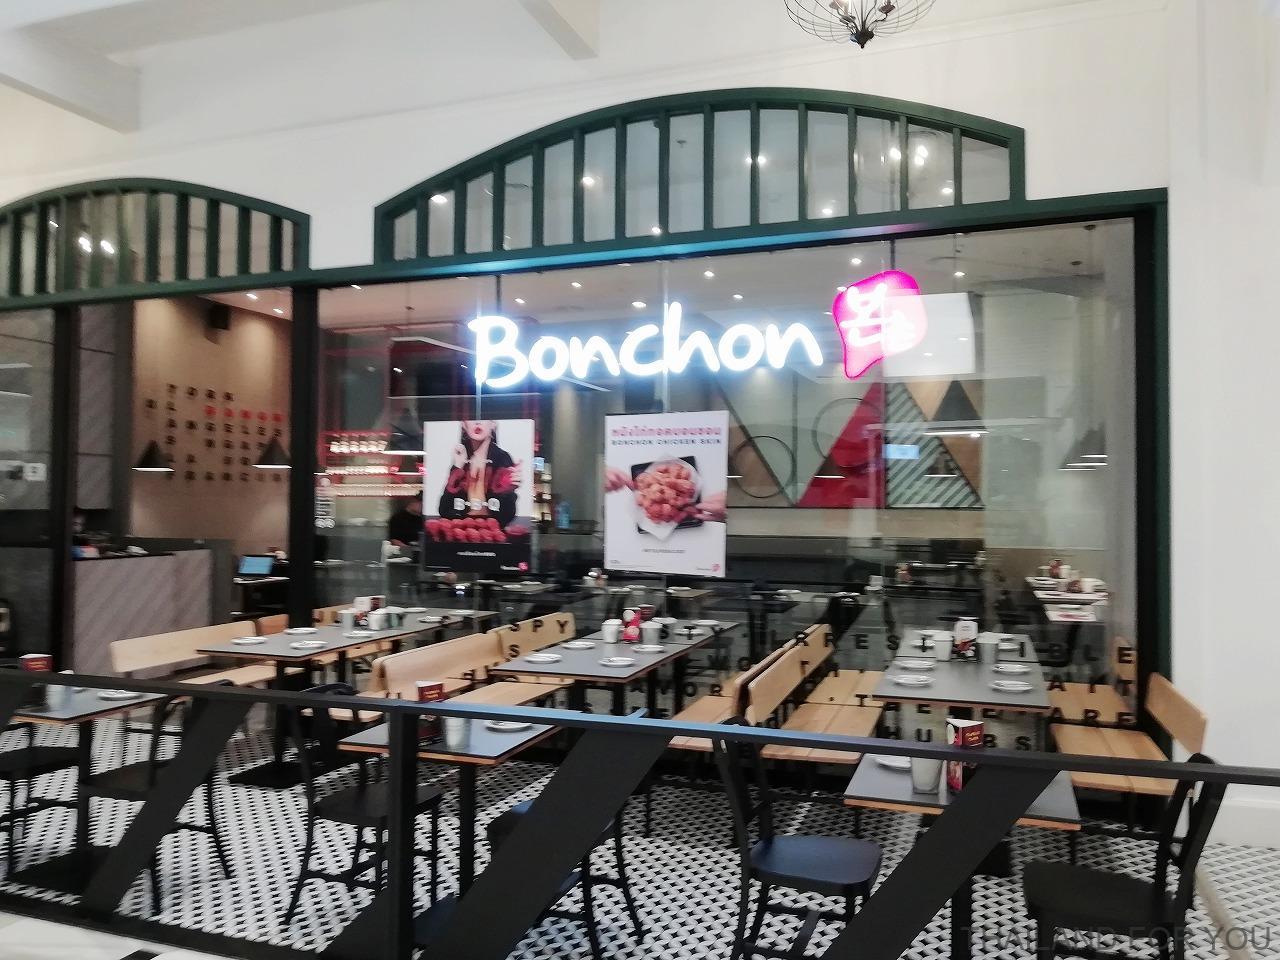 ザ・マーケット・バンコク Bonchon the market bangkok 写真